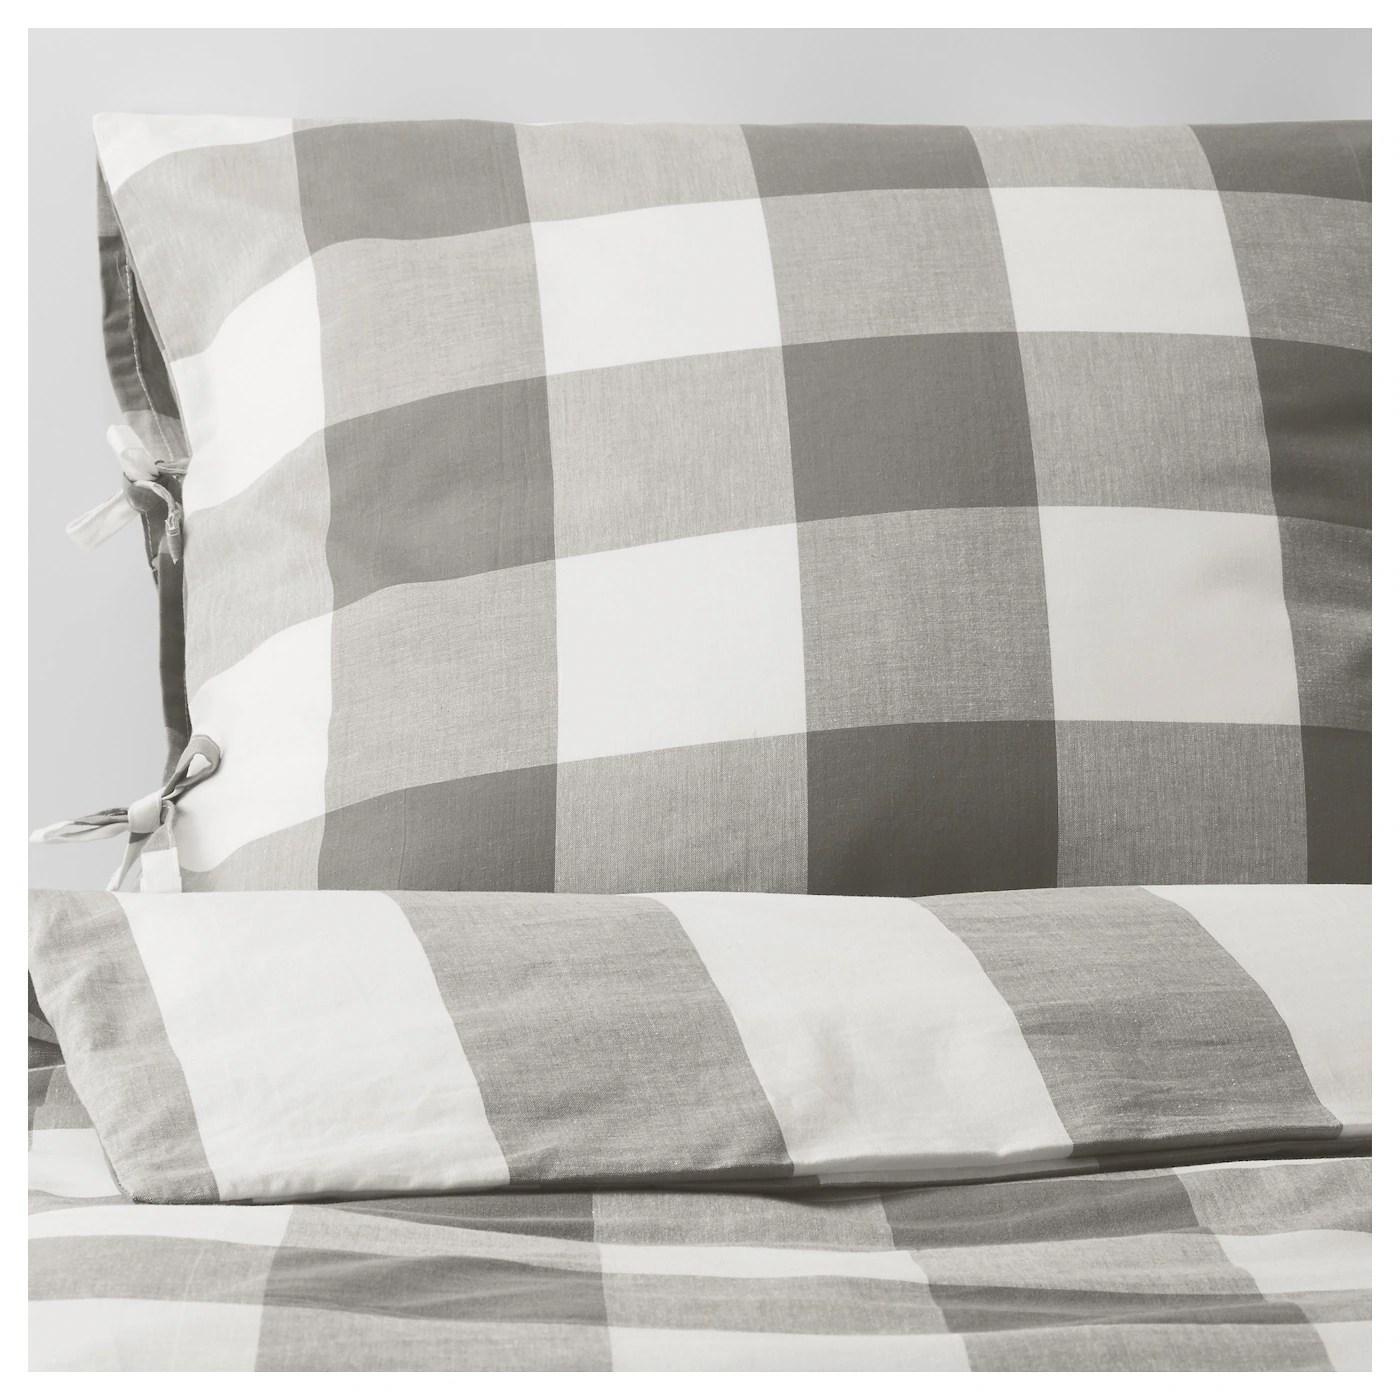 Ikea Bettwäsche Vägtistel Grau Bettwäsche Traumfänger Bettwäsche